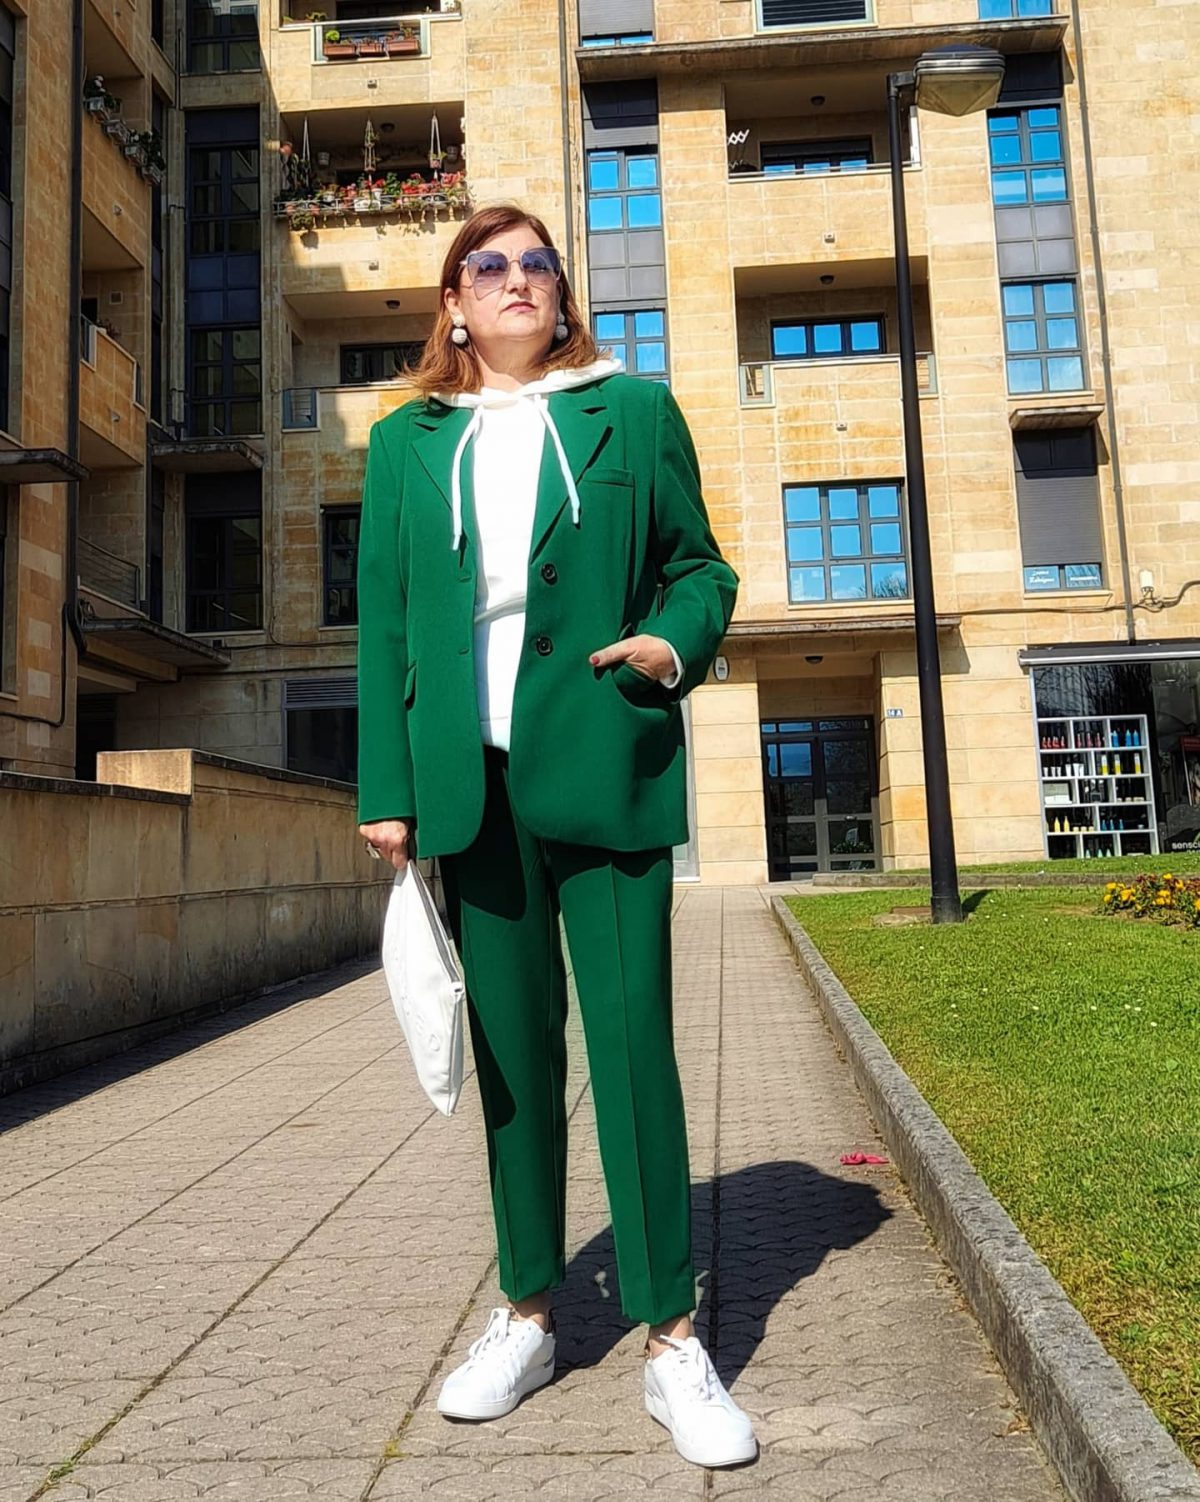 abuela a la ultima con traje verde posando pARA LA FOTO